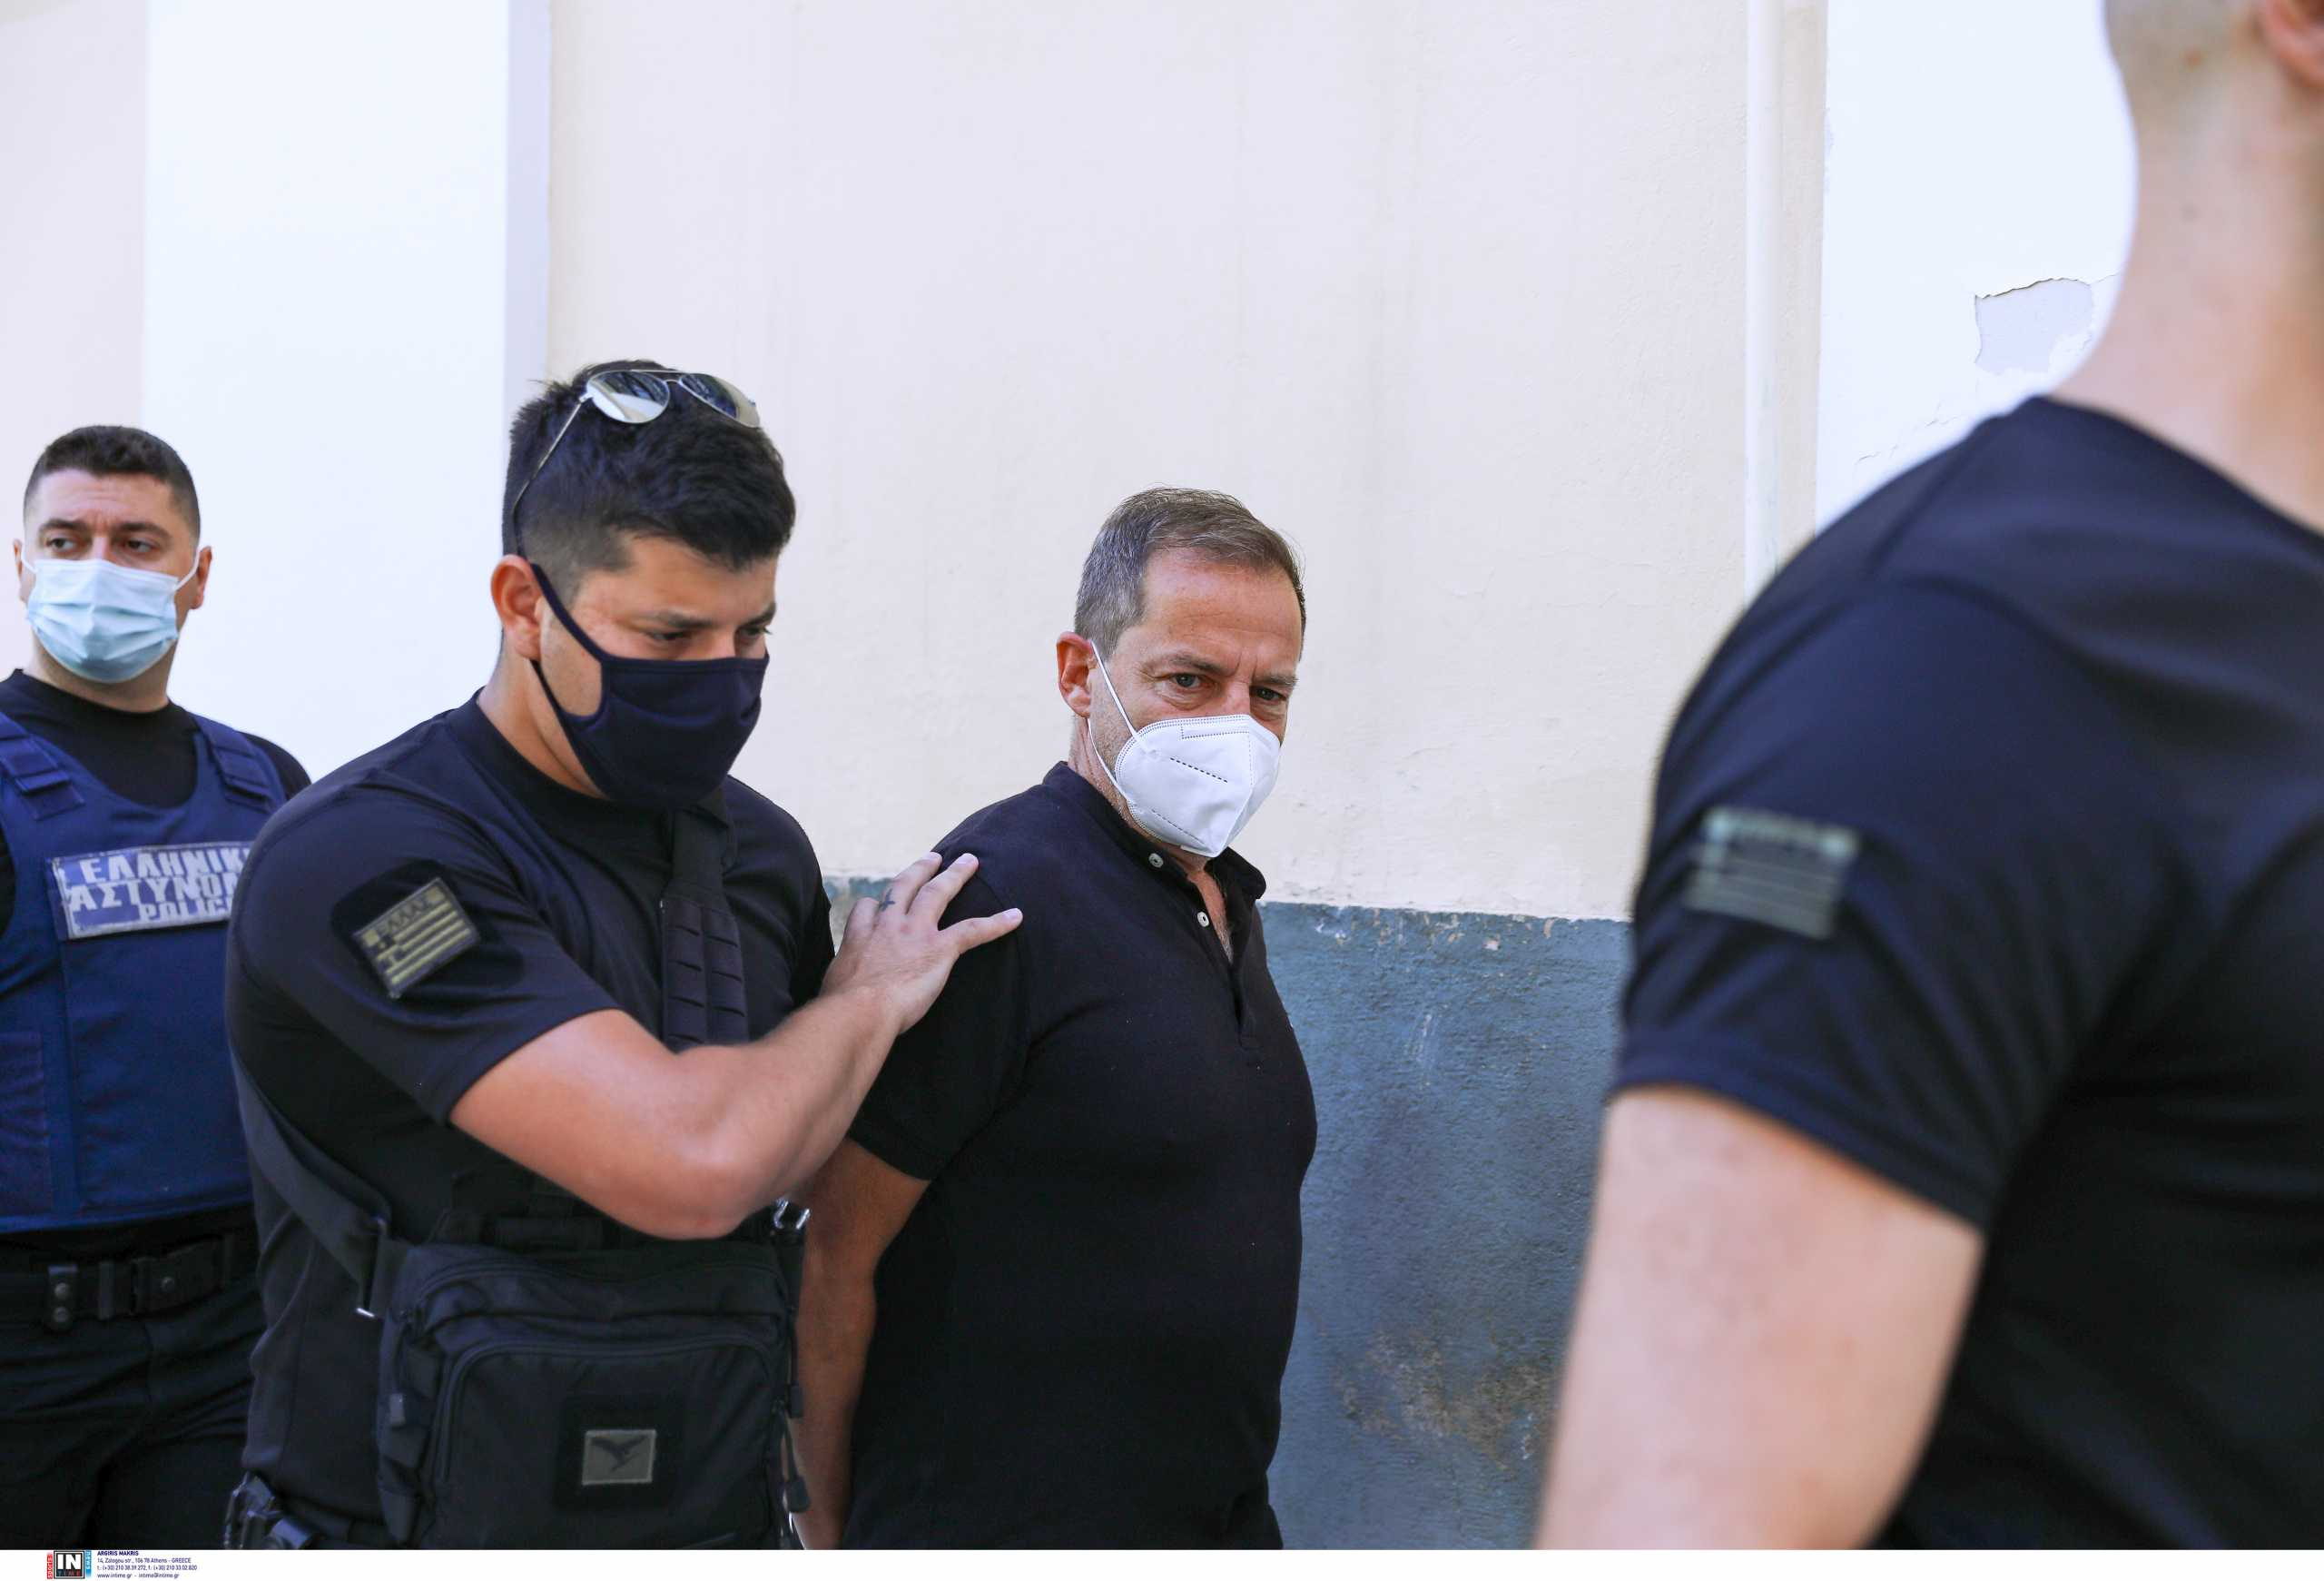 Δεν θα εκδοθεί νέο ένταλμα προσωρινής κράτησης του Δημήτρη Λιγνάδη